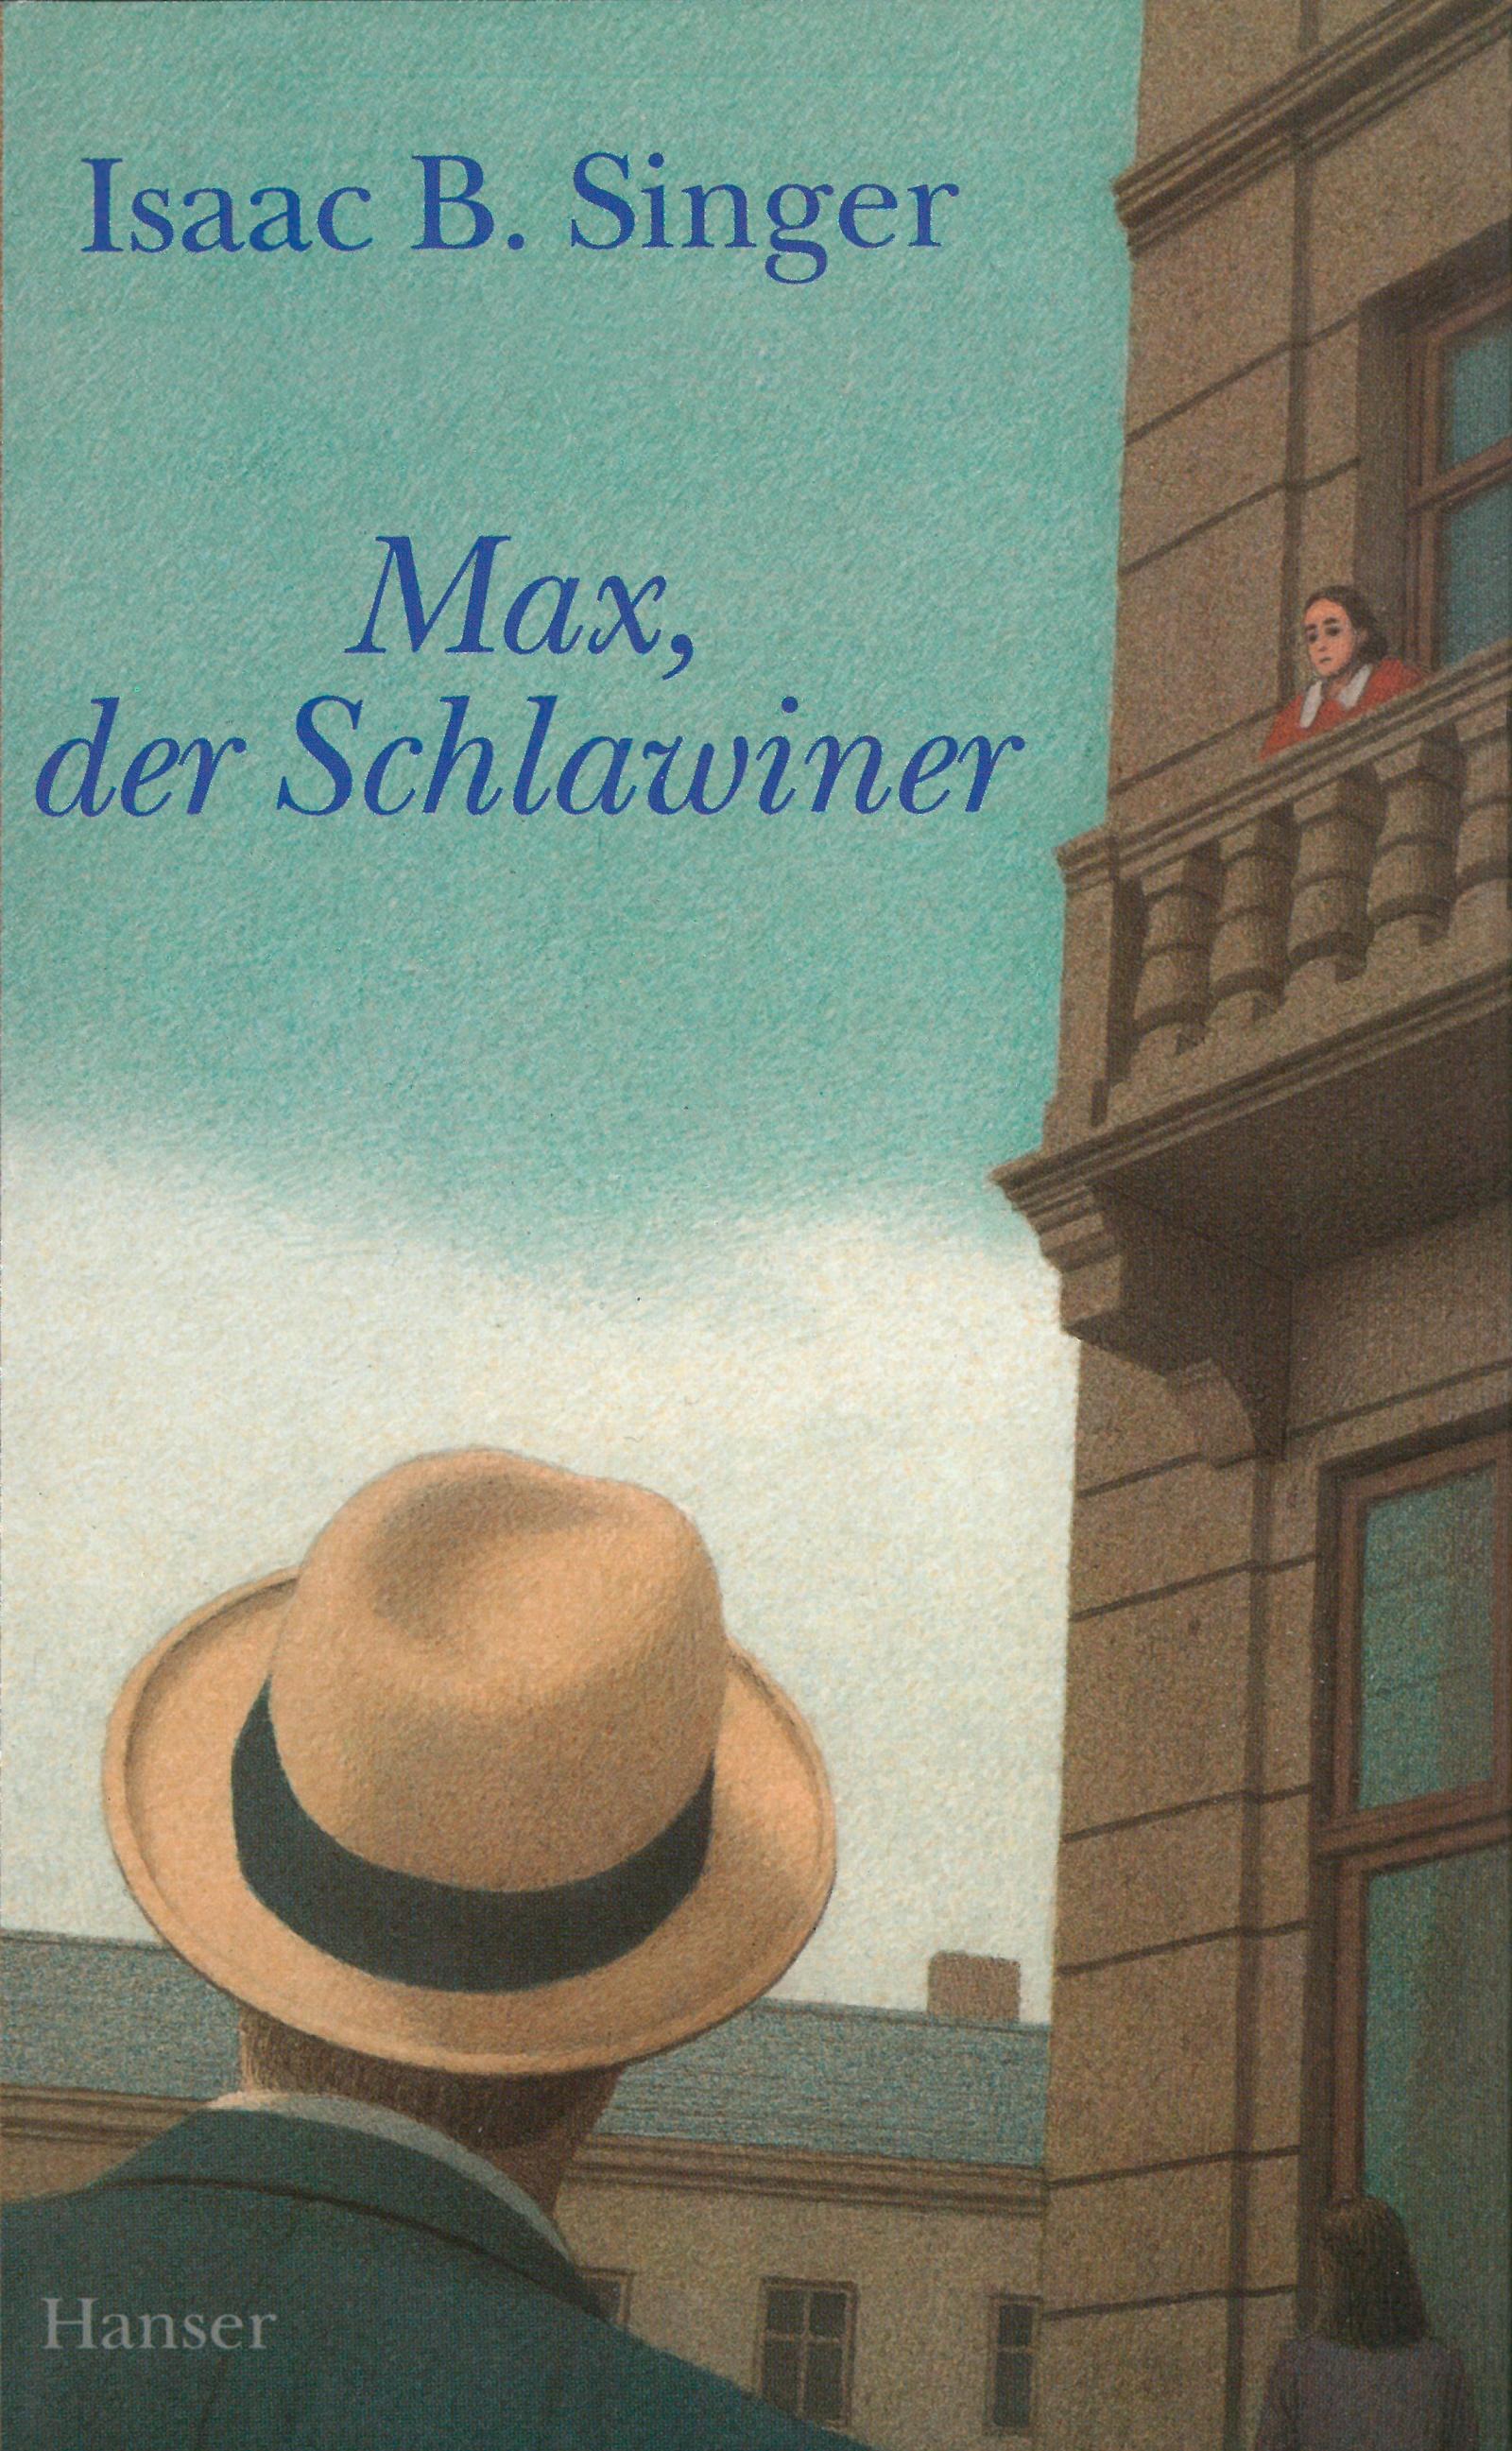 Max, der Schlawiner